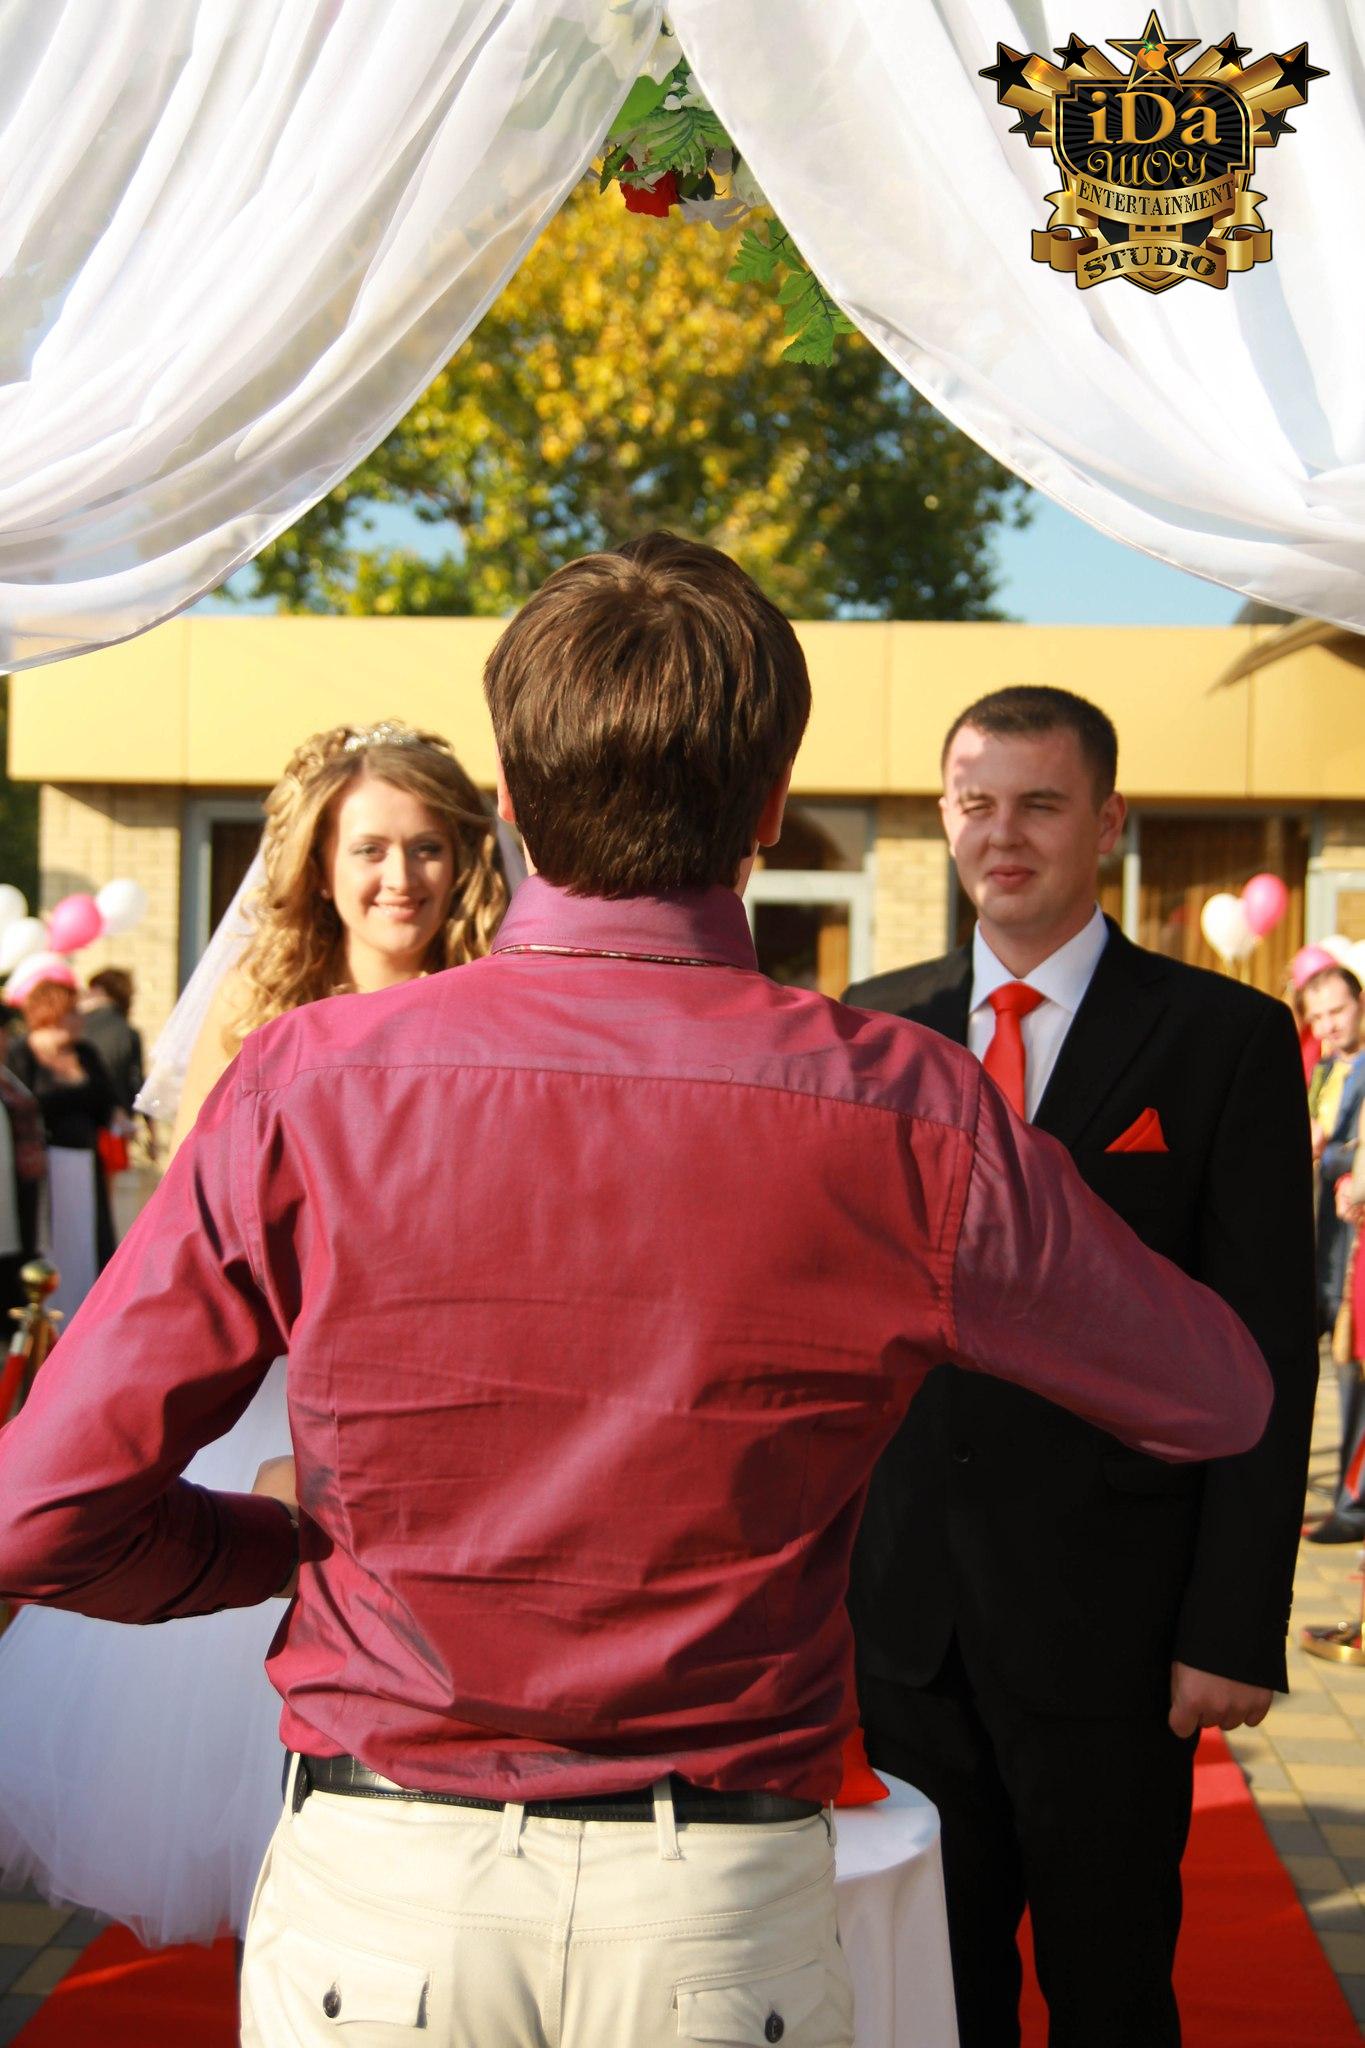 Европейская свадьба. Шуточная регистрация